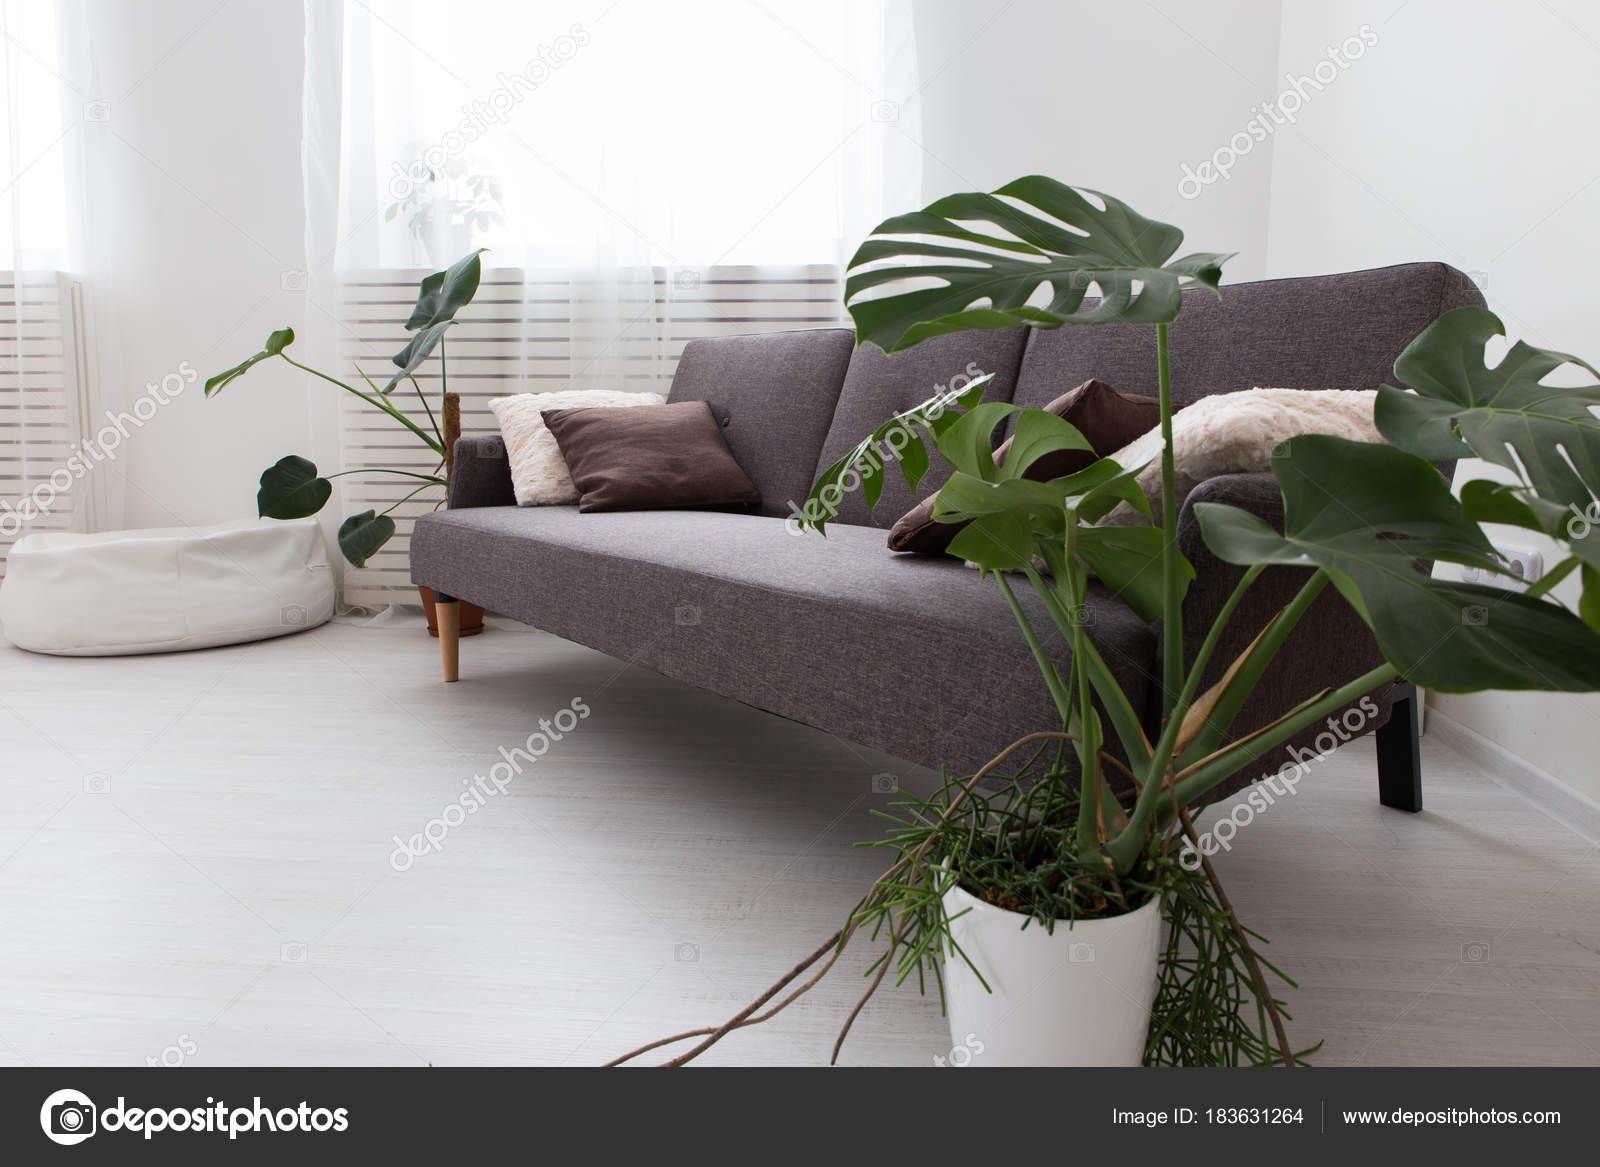 Moderne Studio Apartment Mit Lebenden Pflanzen. Grau Im Inneren. Sofa Im  Wohnzimmer U2014